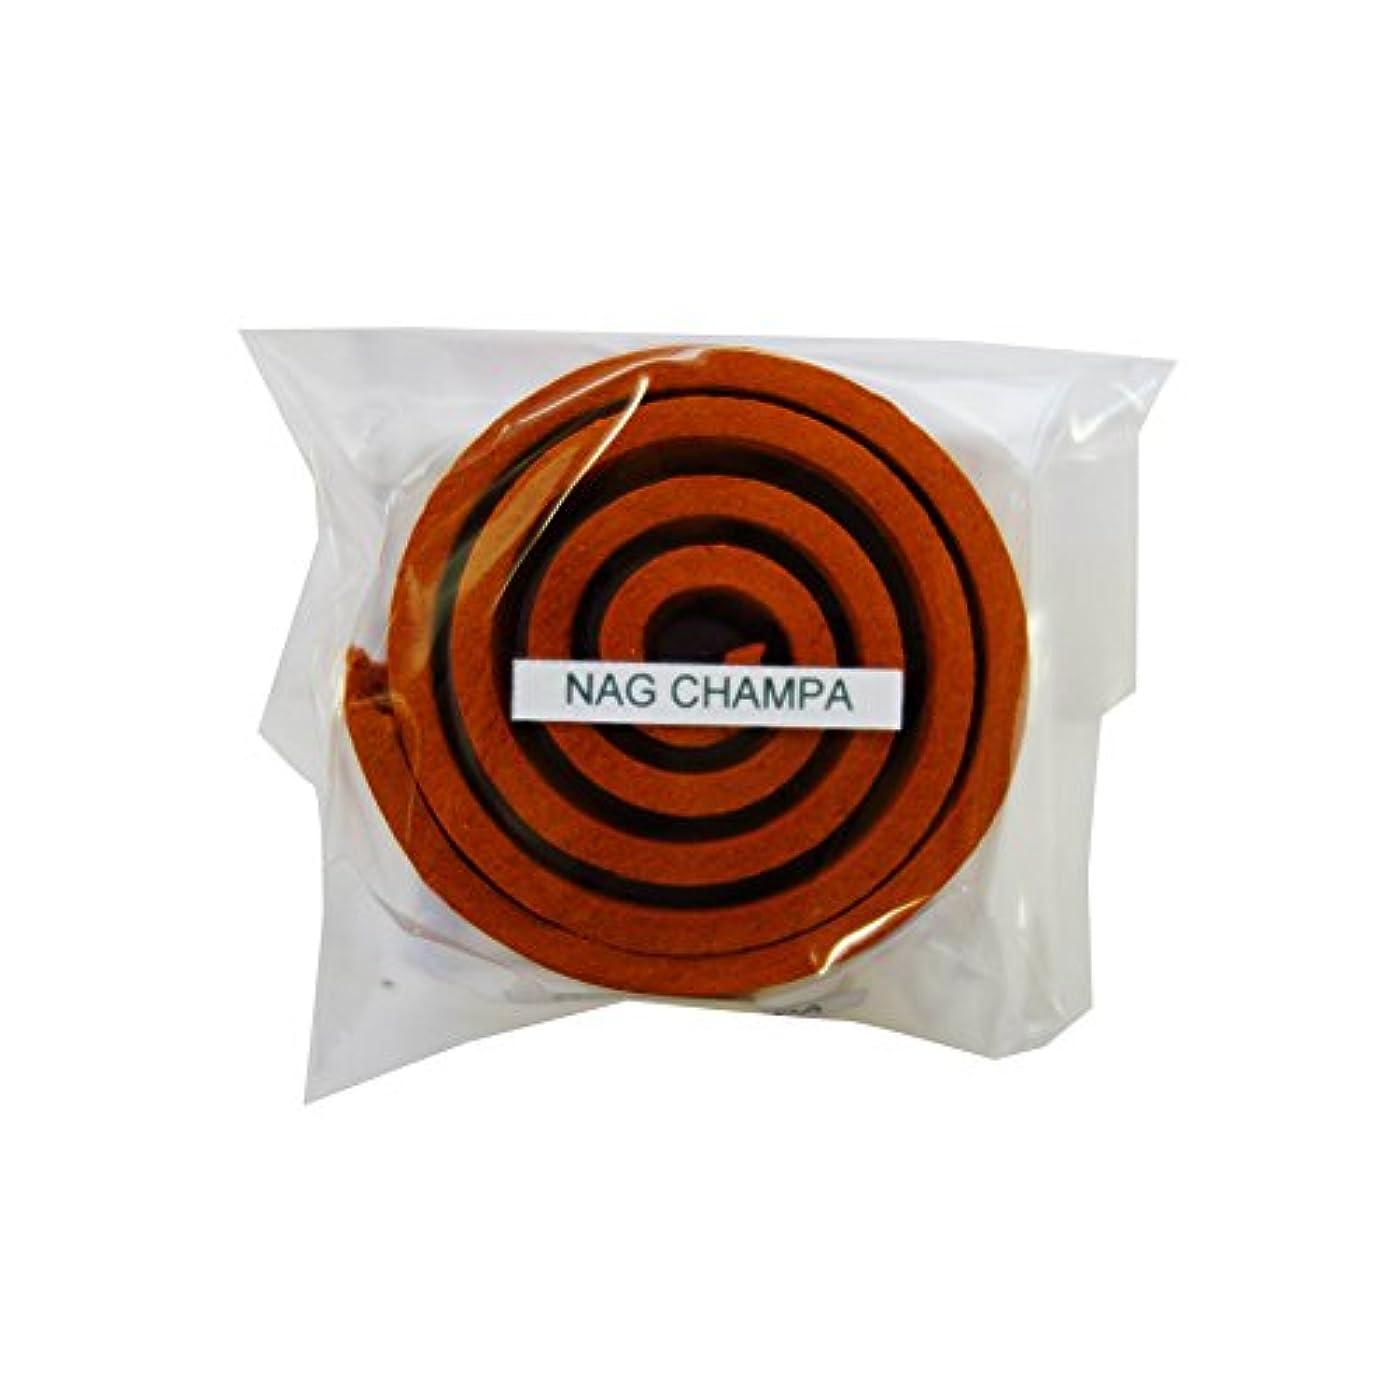 透過性接続選ぶお香/うずまき香 Nag Champa ナグチャンパ 直径5cm×5巻セット [並行輸入品]